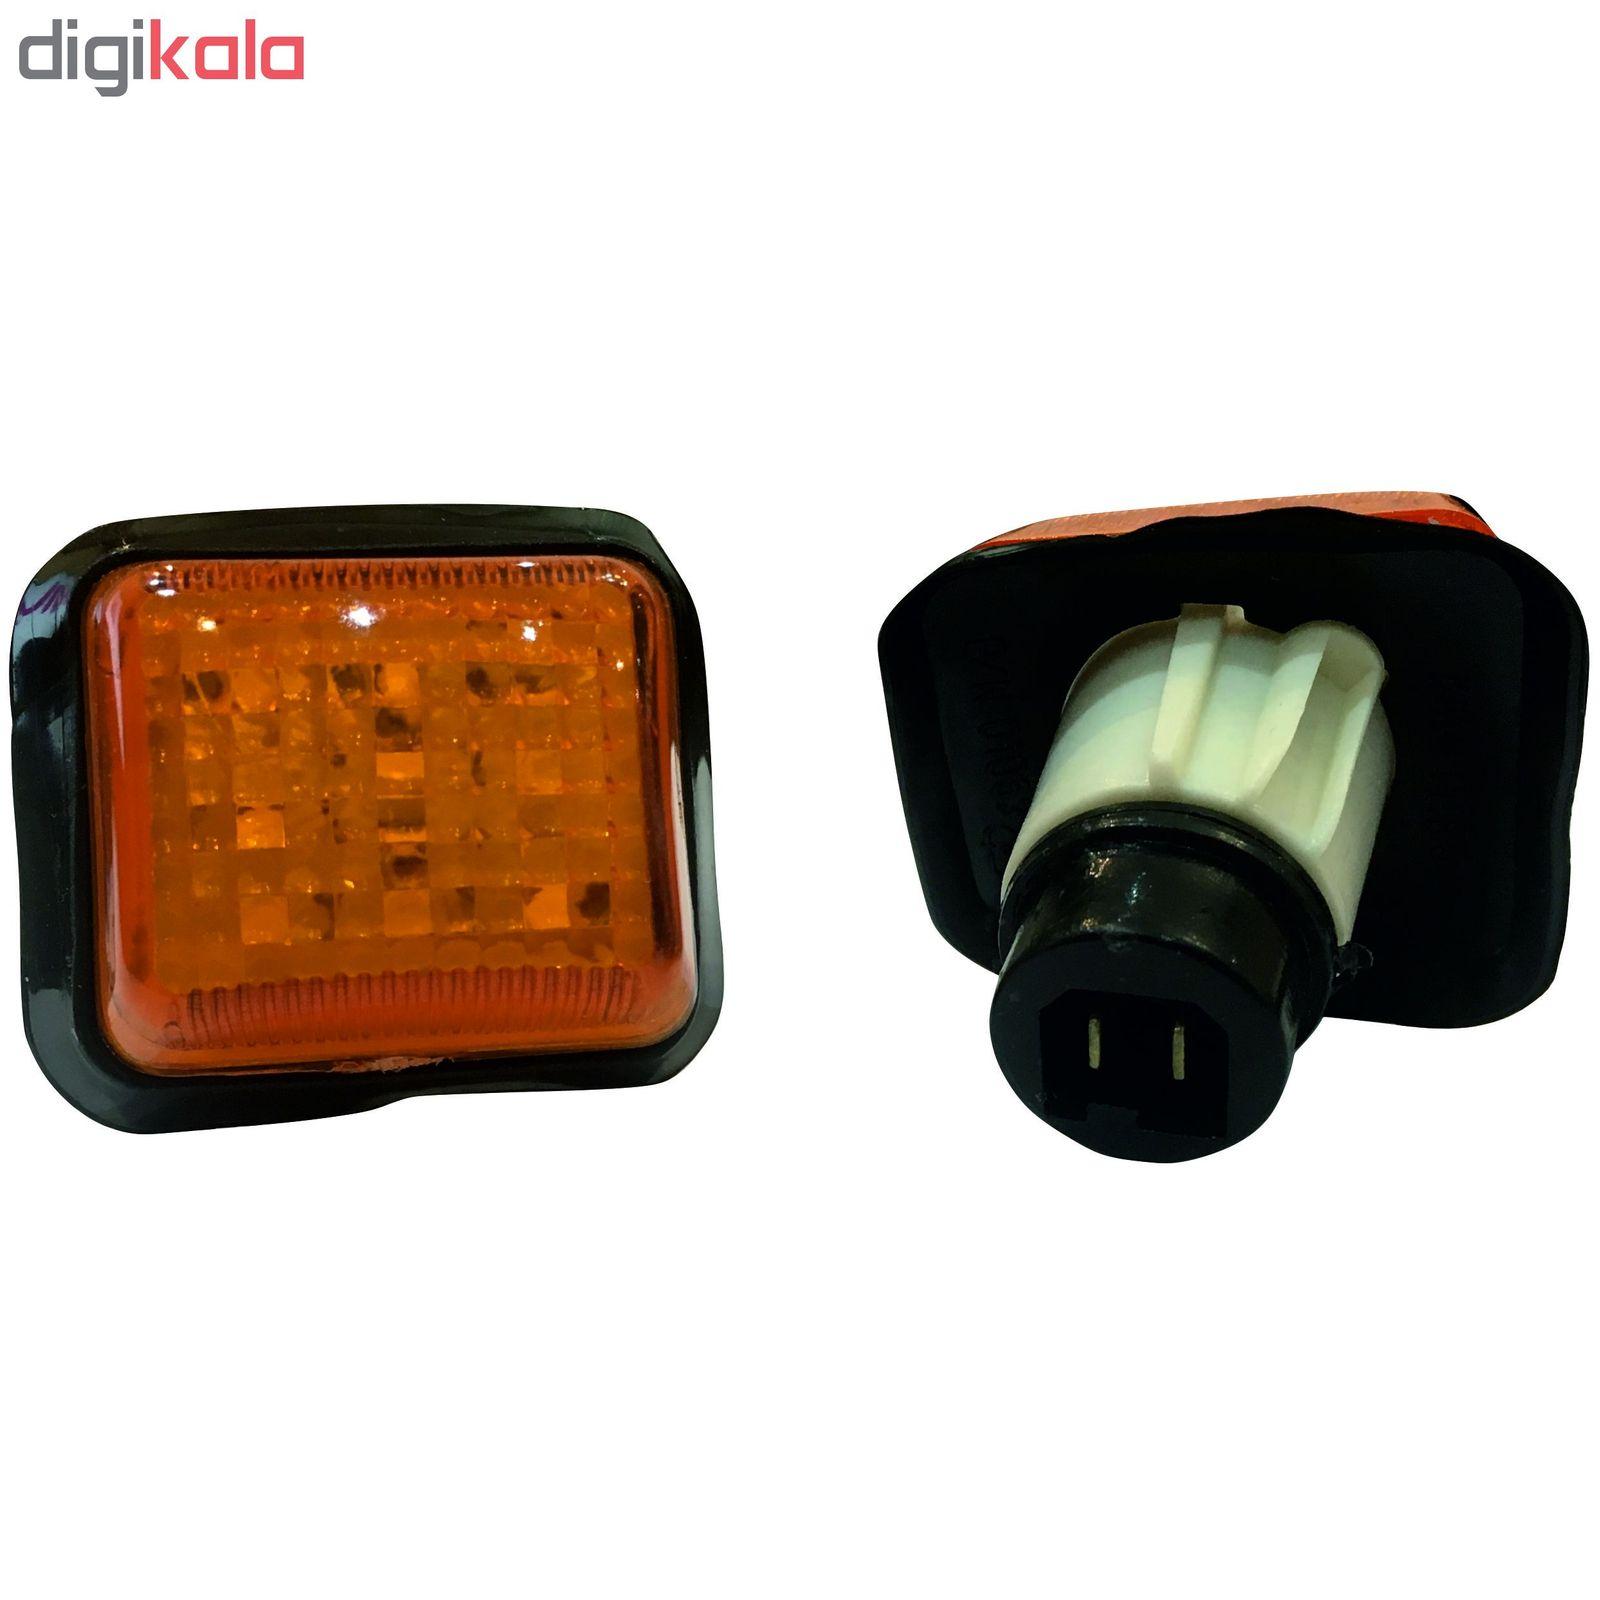 چراغ اس ام دی راهنمای گلگیر مدل PG-02 مناسب برای پژو 405 main 1 1